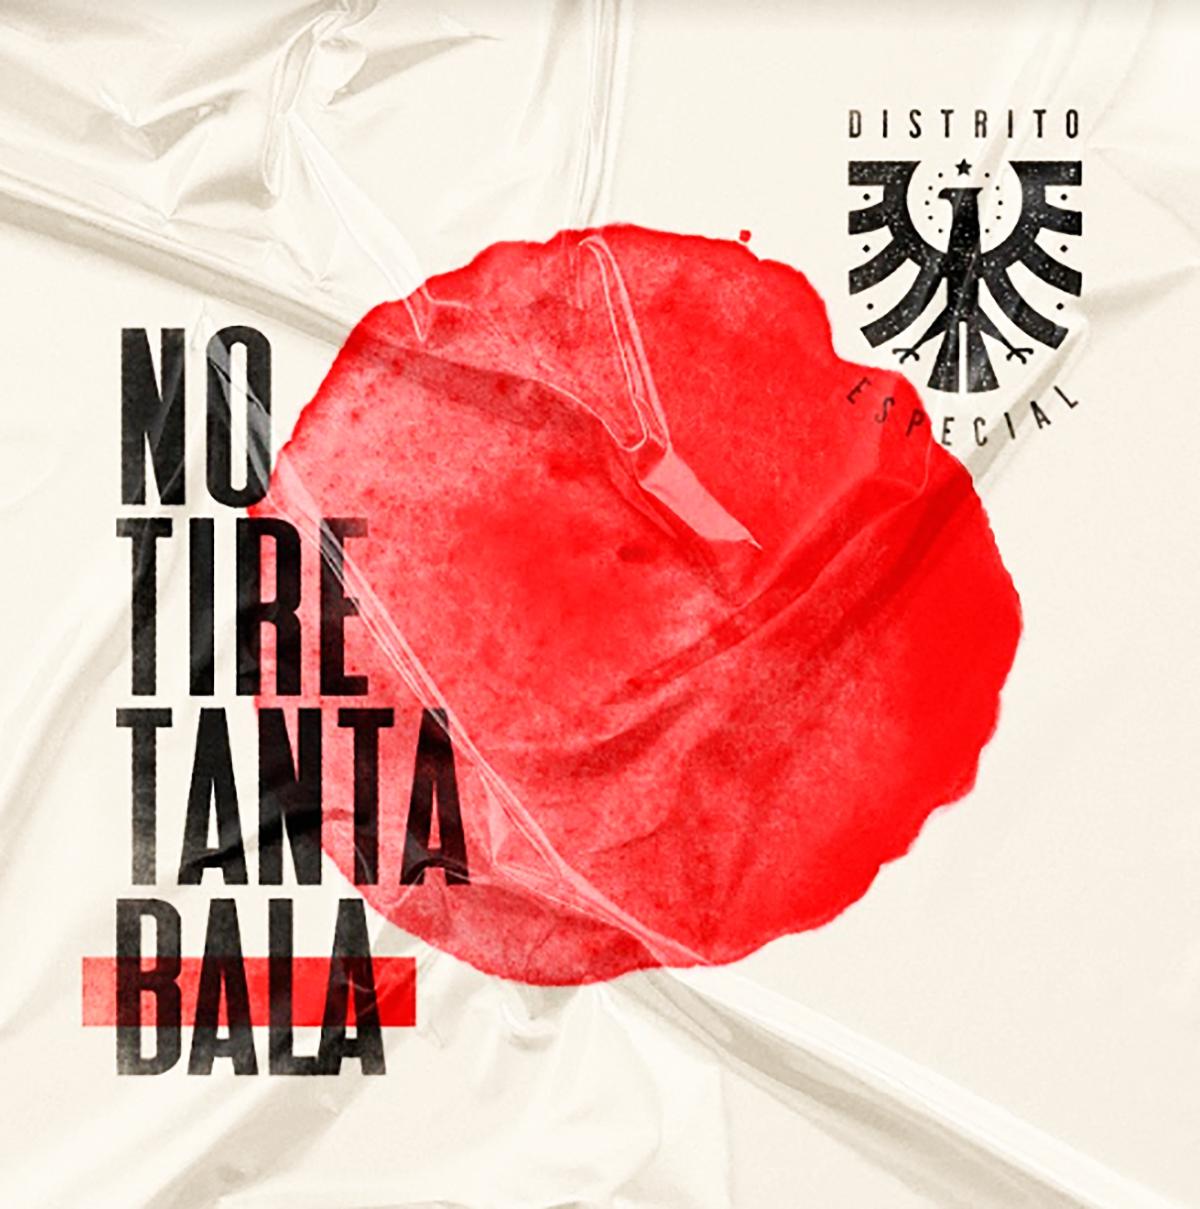 """Imagen del disco """"No tire tanta bala"""" de Distrito Especial. [Cortesía]"""